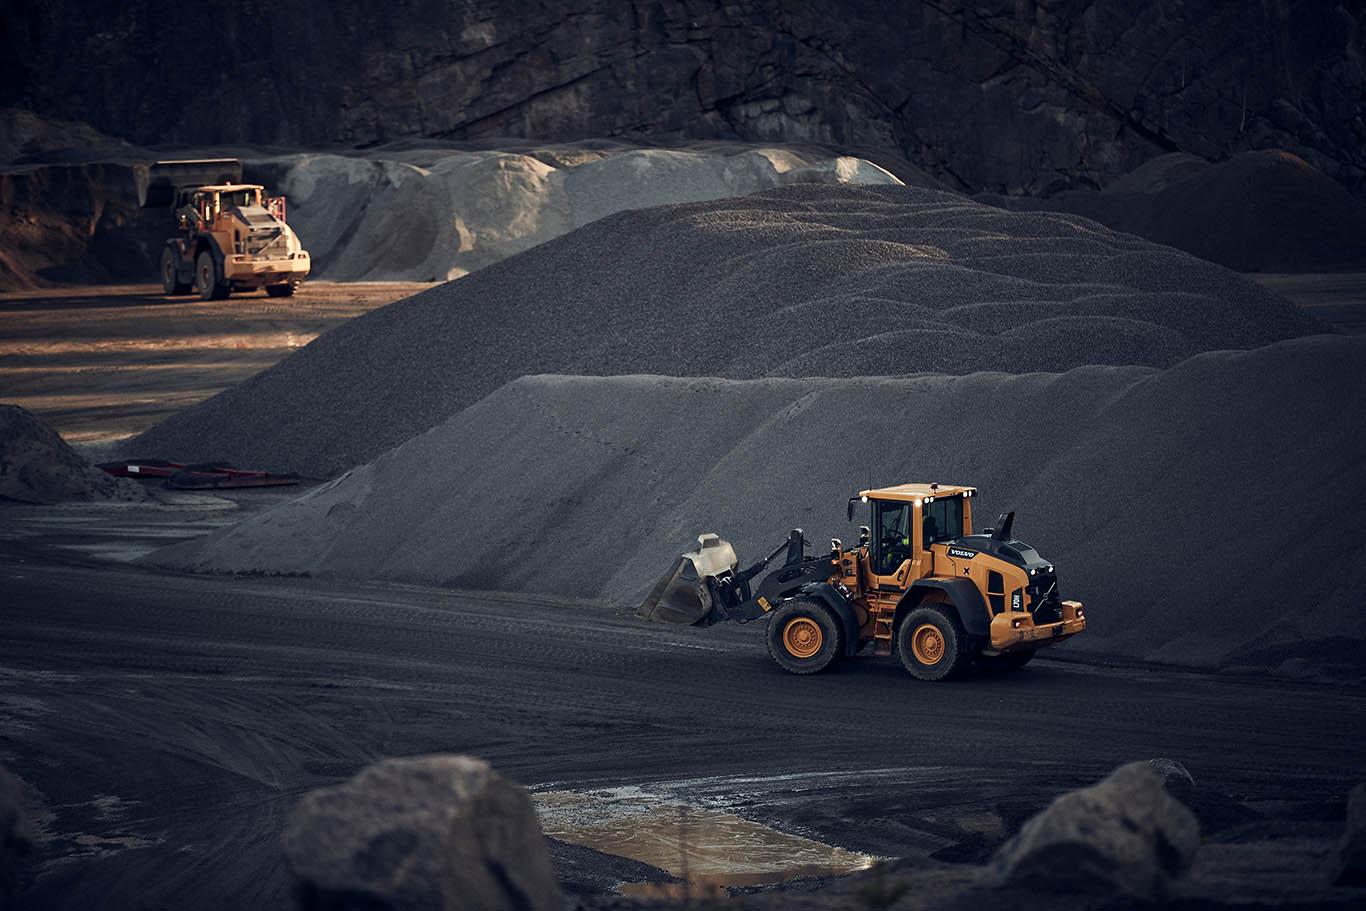 Två grävmaskiner i en bergtäckt